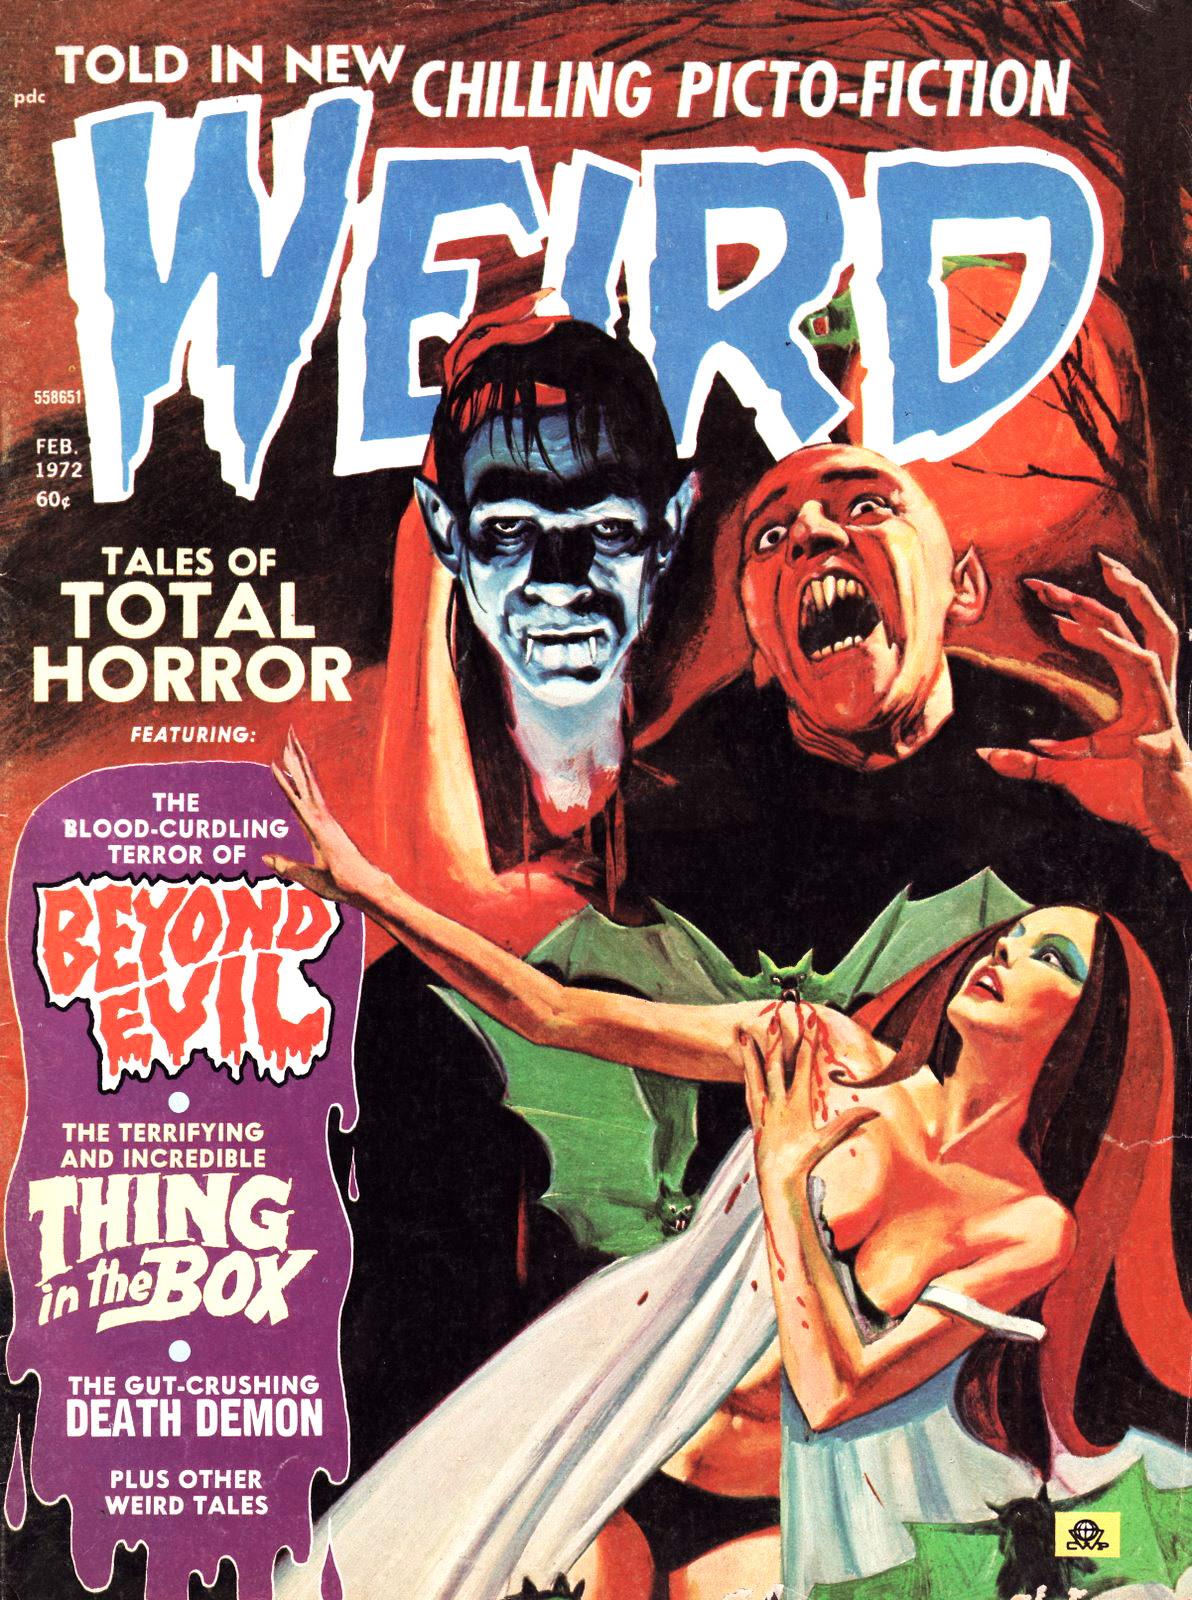 Weird Vol. 06 #1 (Eerie Publications, 1972)